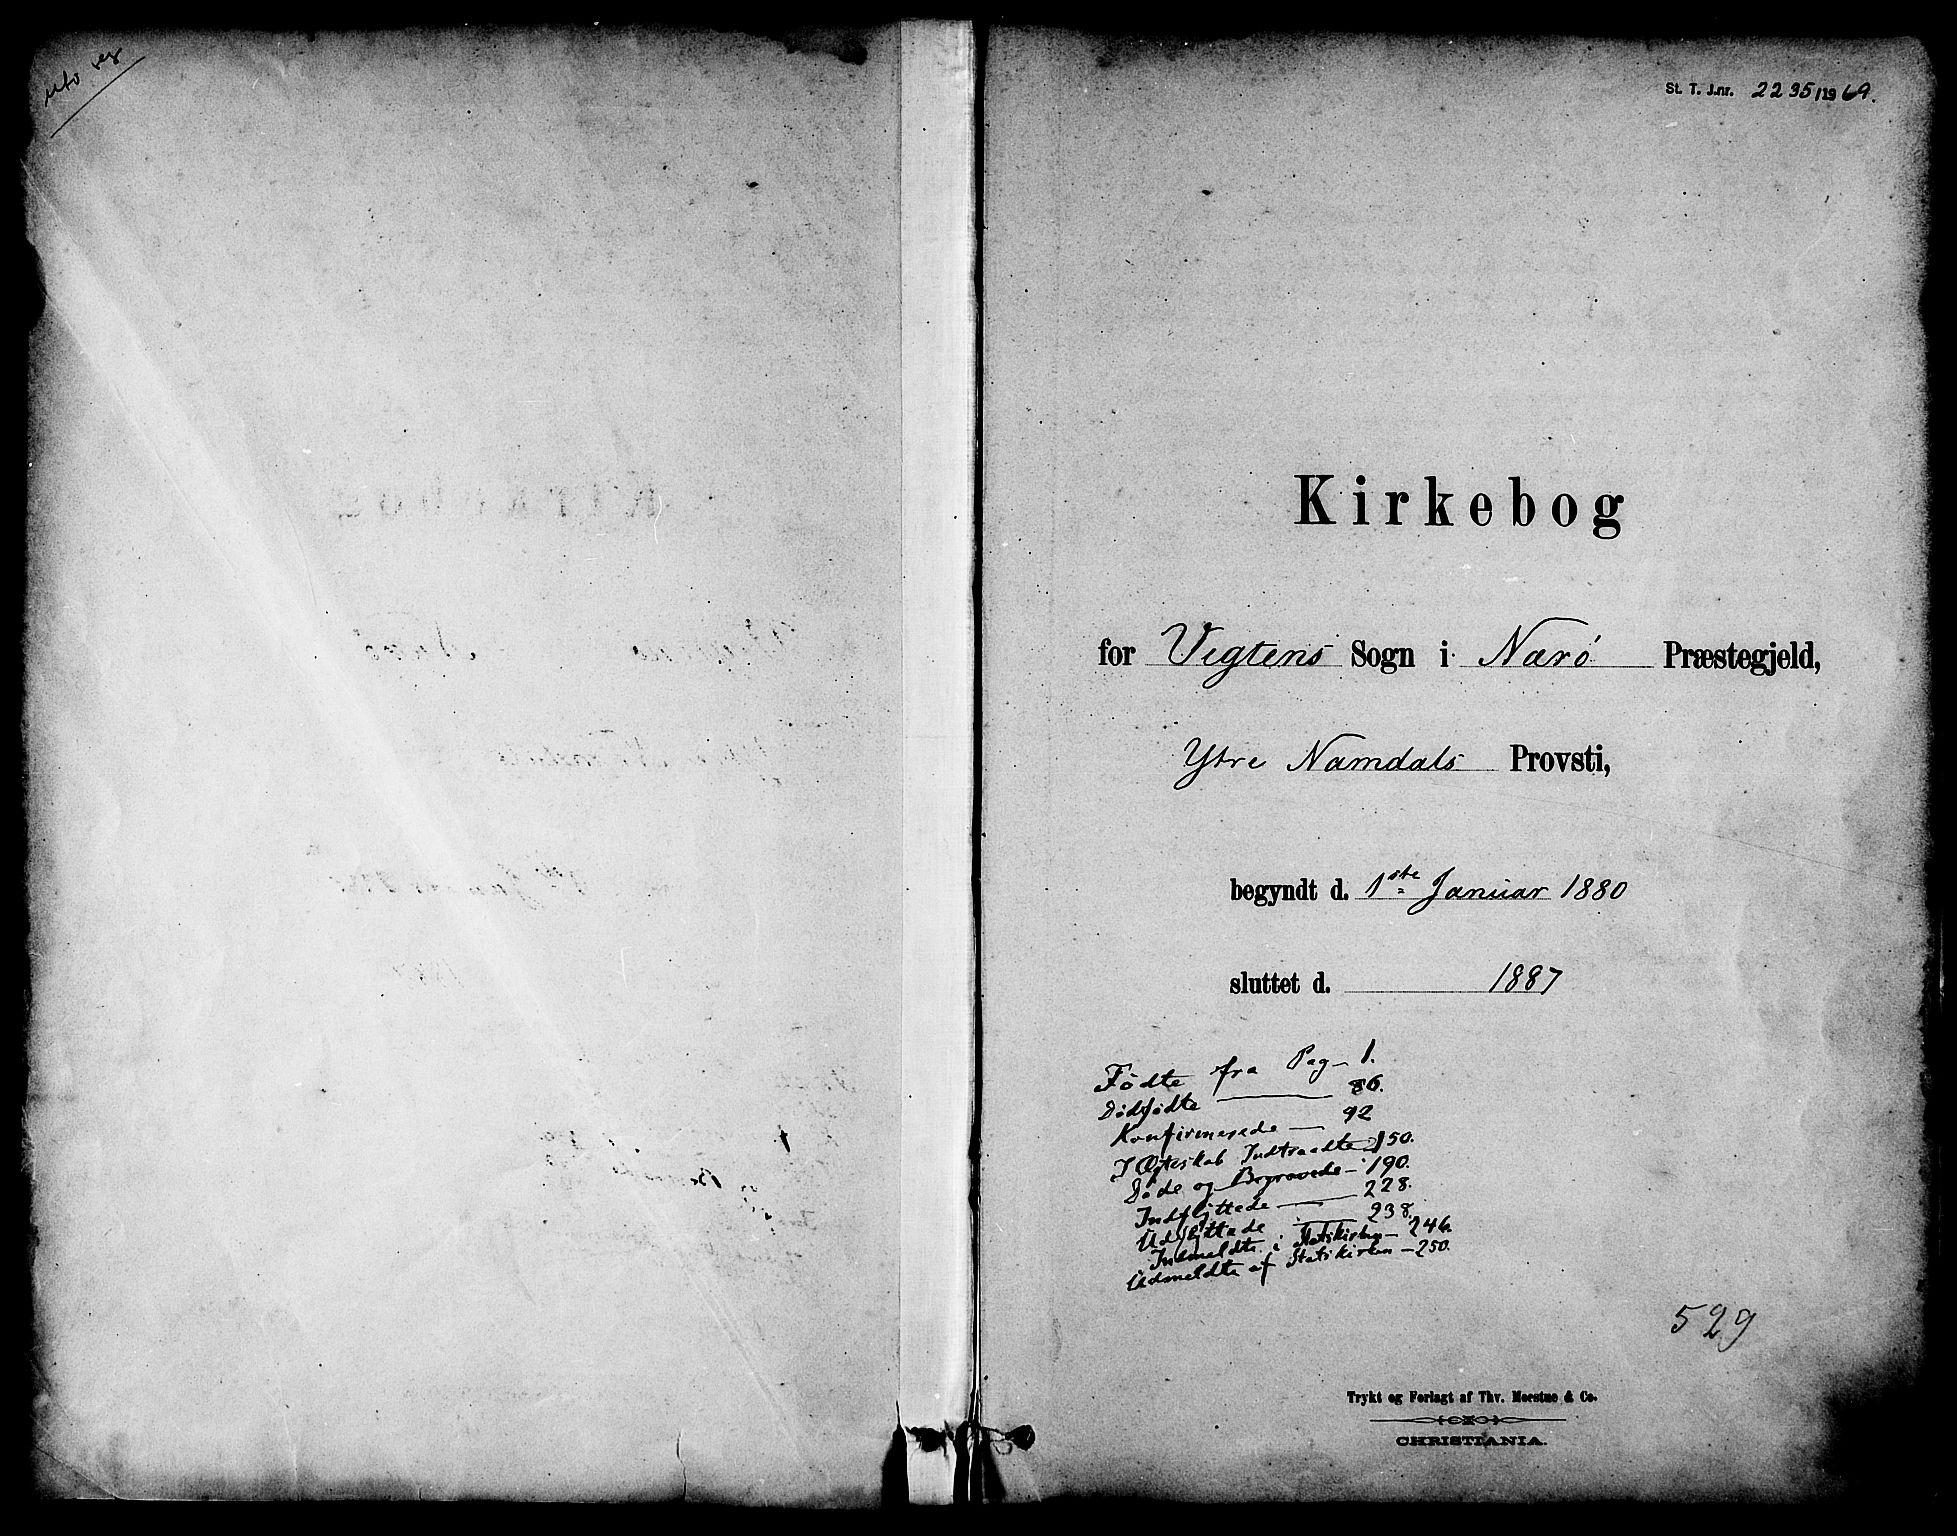 SAT, Ministerialprotokoller, klokkerbøker og fødselsregistre - Nord-Trøndelag, 786/L0686: Ministerialbok nr. 786A02, 1880-1887